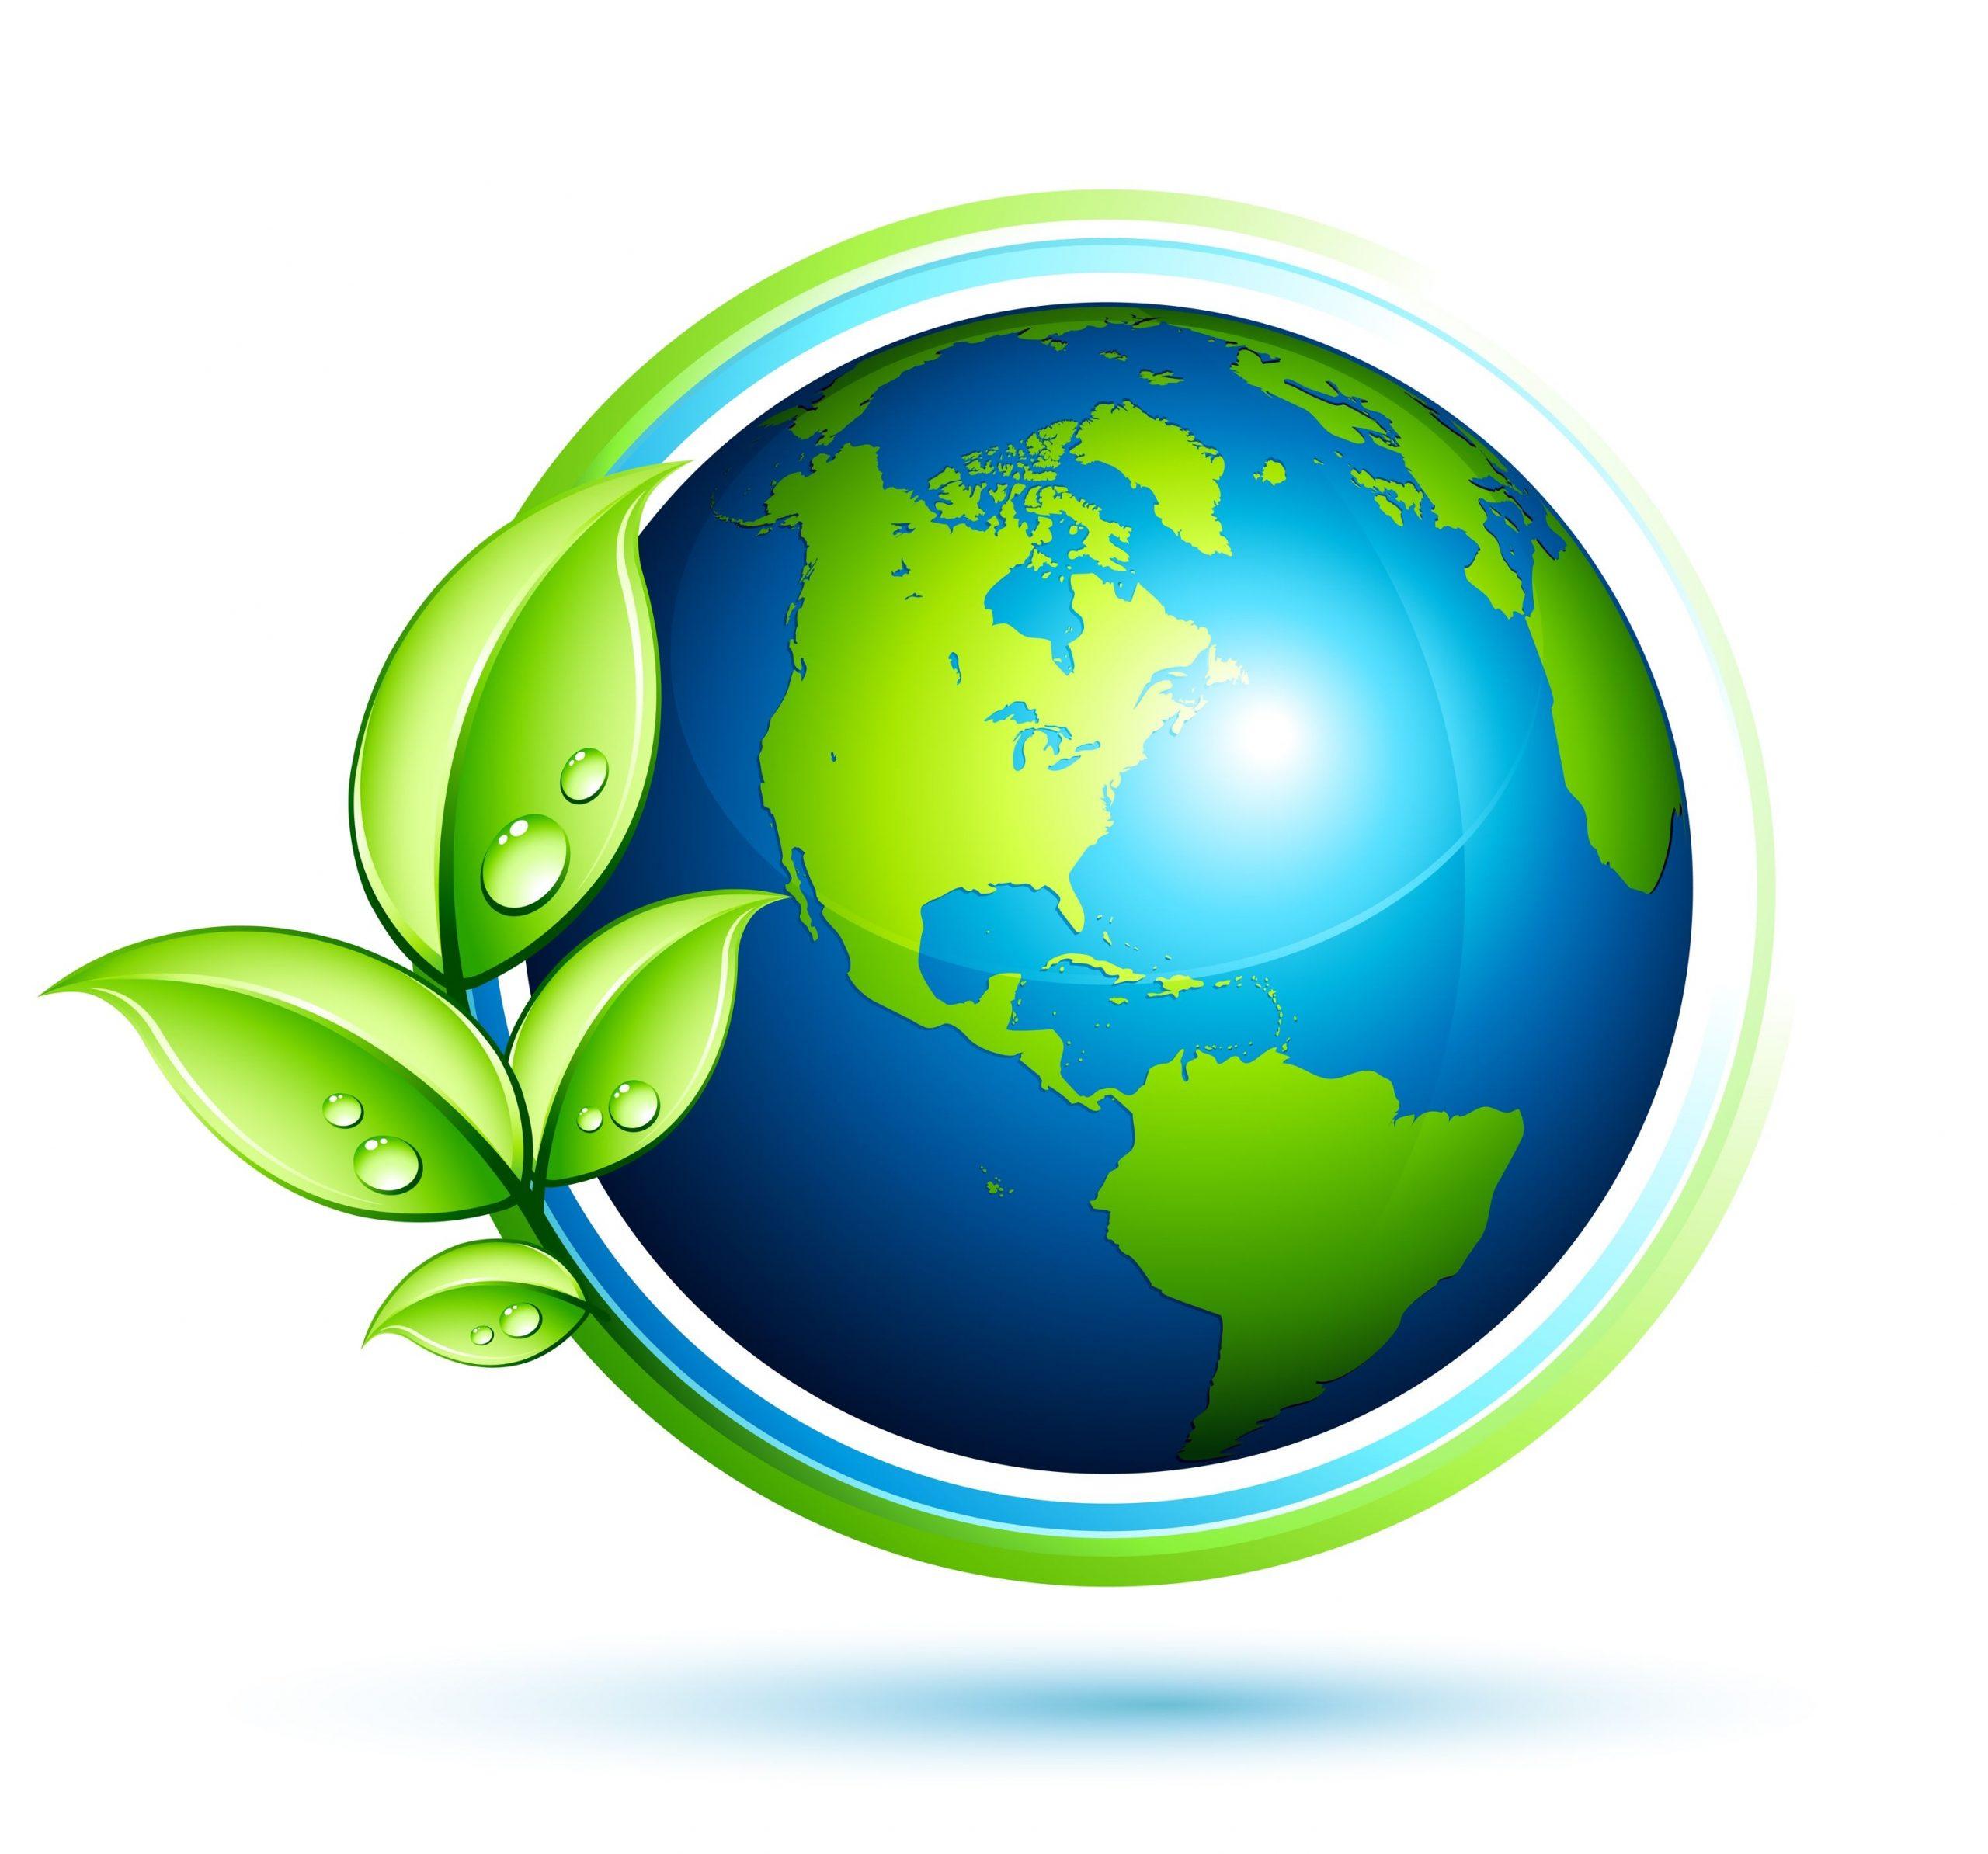 medio ambiente89